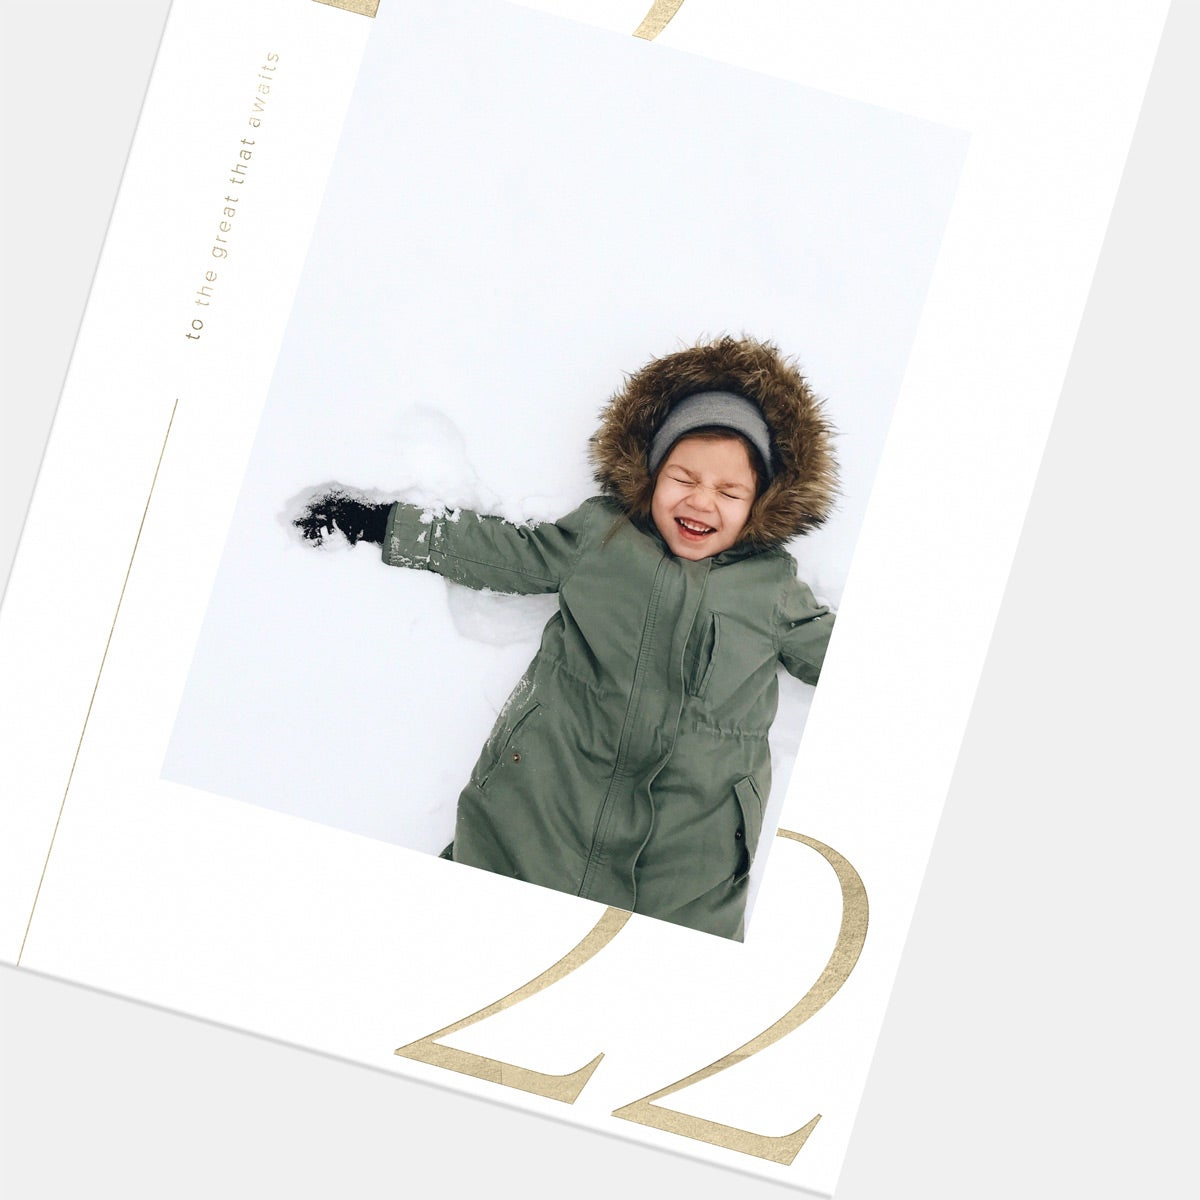 Modern 2022 New Year Card